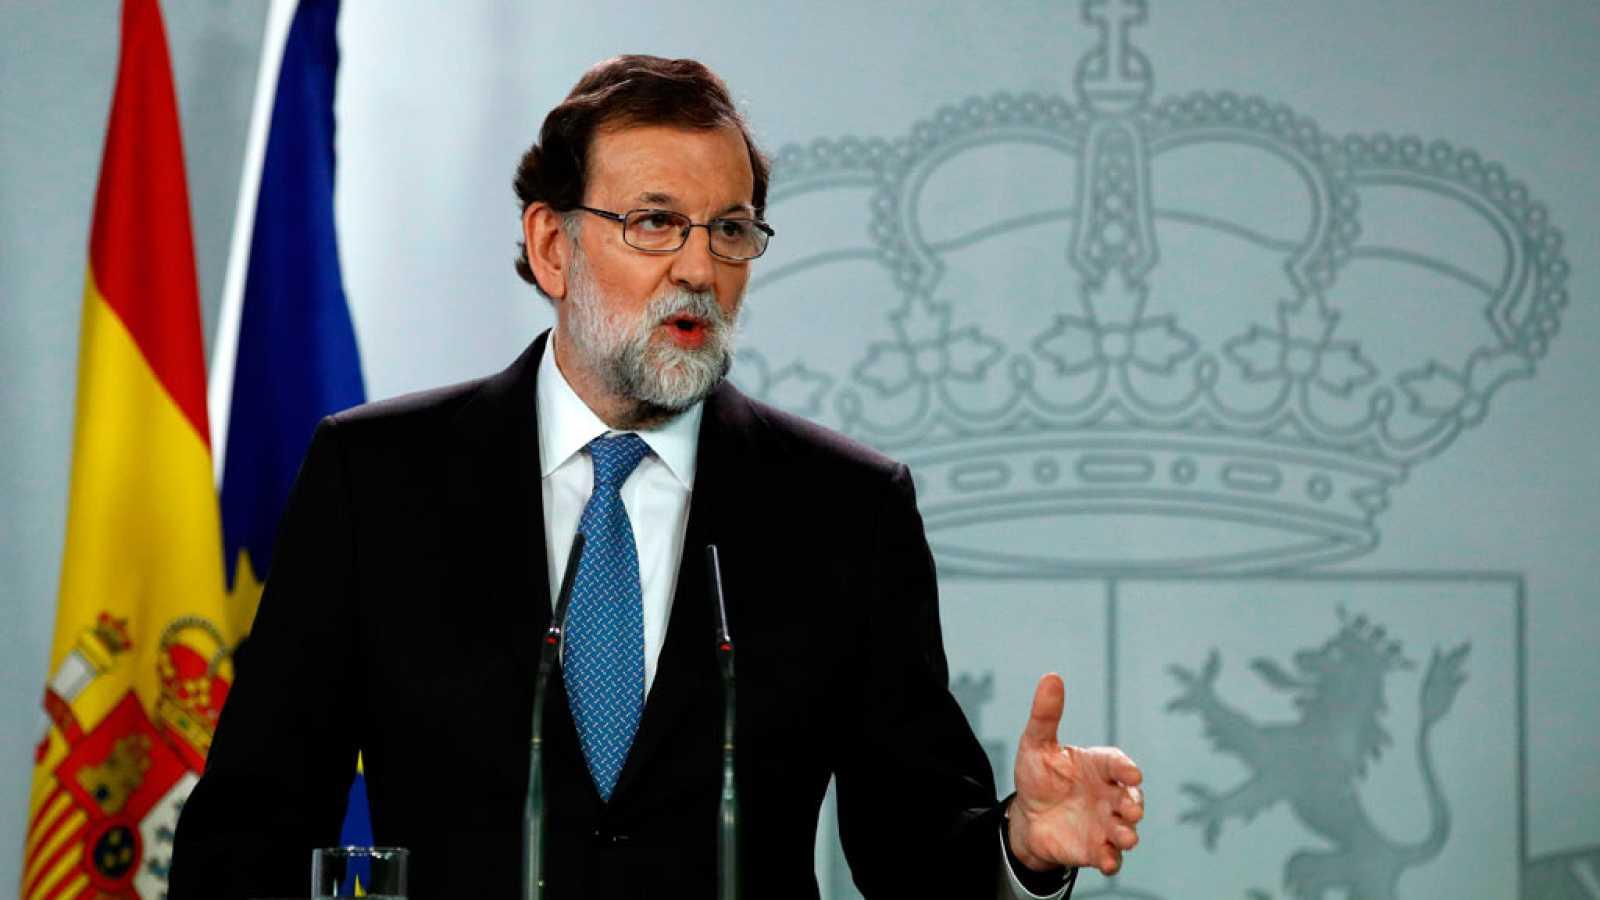 Rajoy cesa al Govern y convoca elecciones en Cataluña el 21 de diciembre